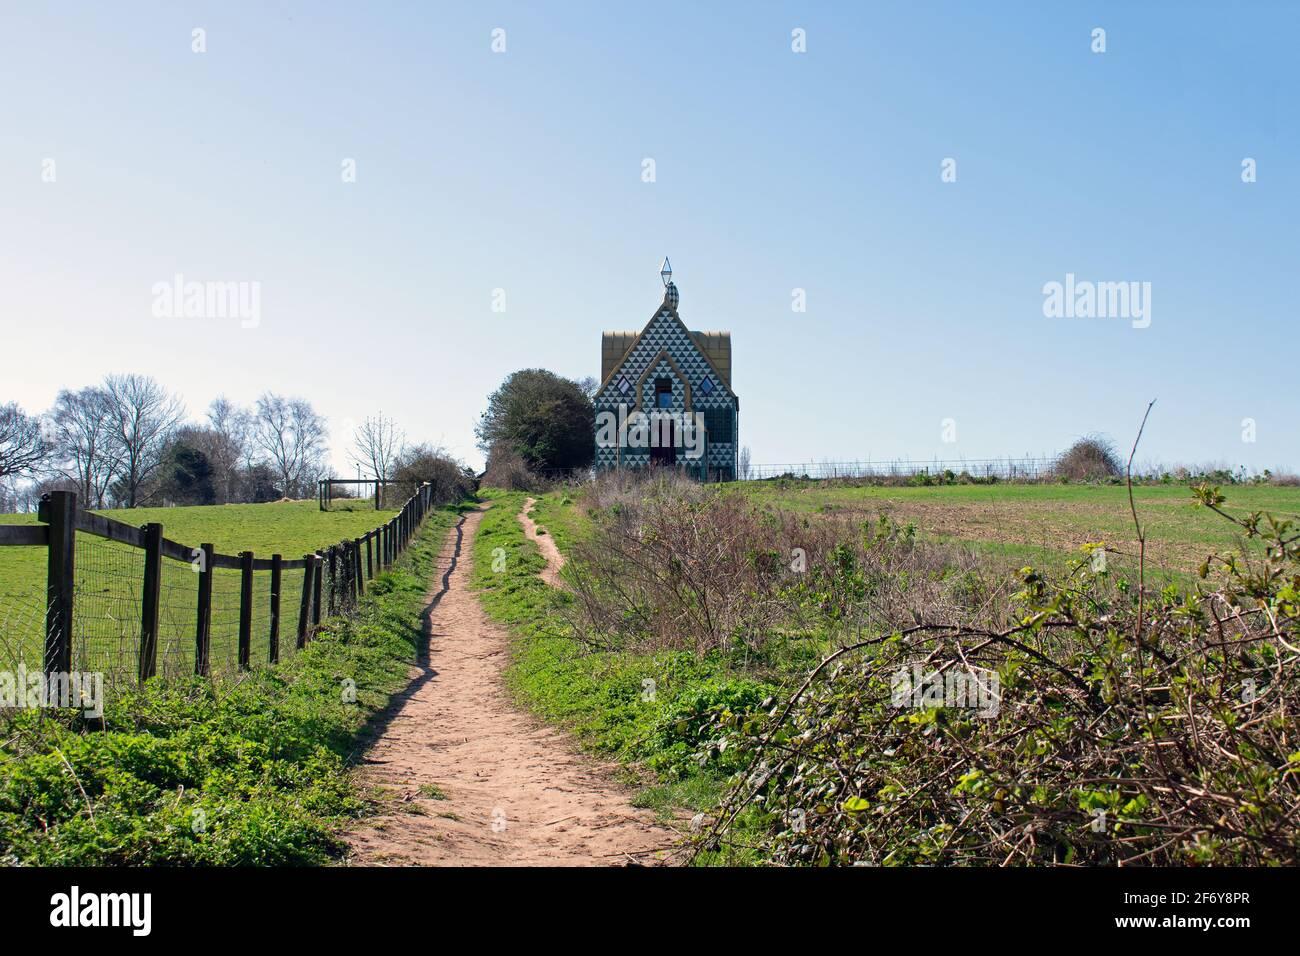 Auf einem öffentlichen Fußweg den Hügel hinauf zu EINEM Haus für Essex von Grayson Perry in Wrabness, Essex, Großbritannien Stockfoto